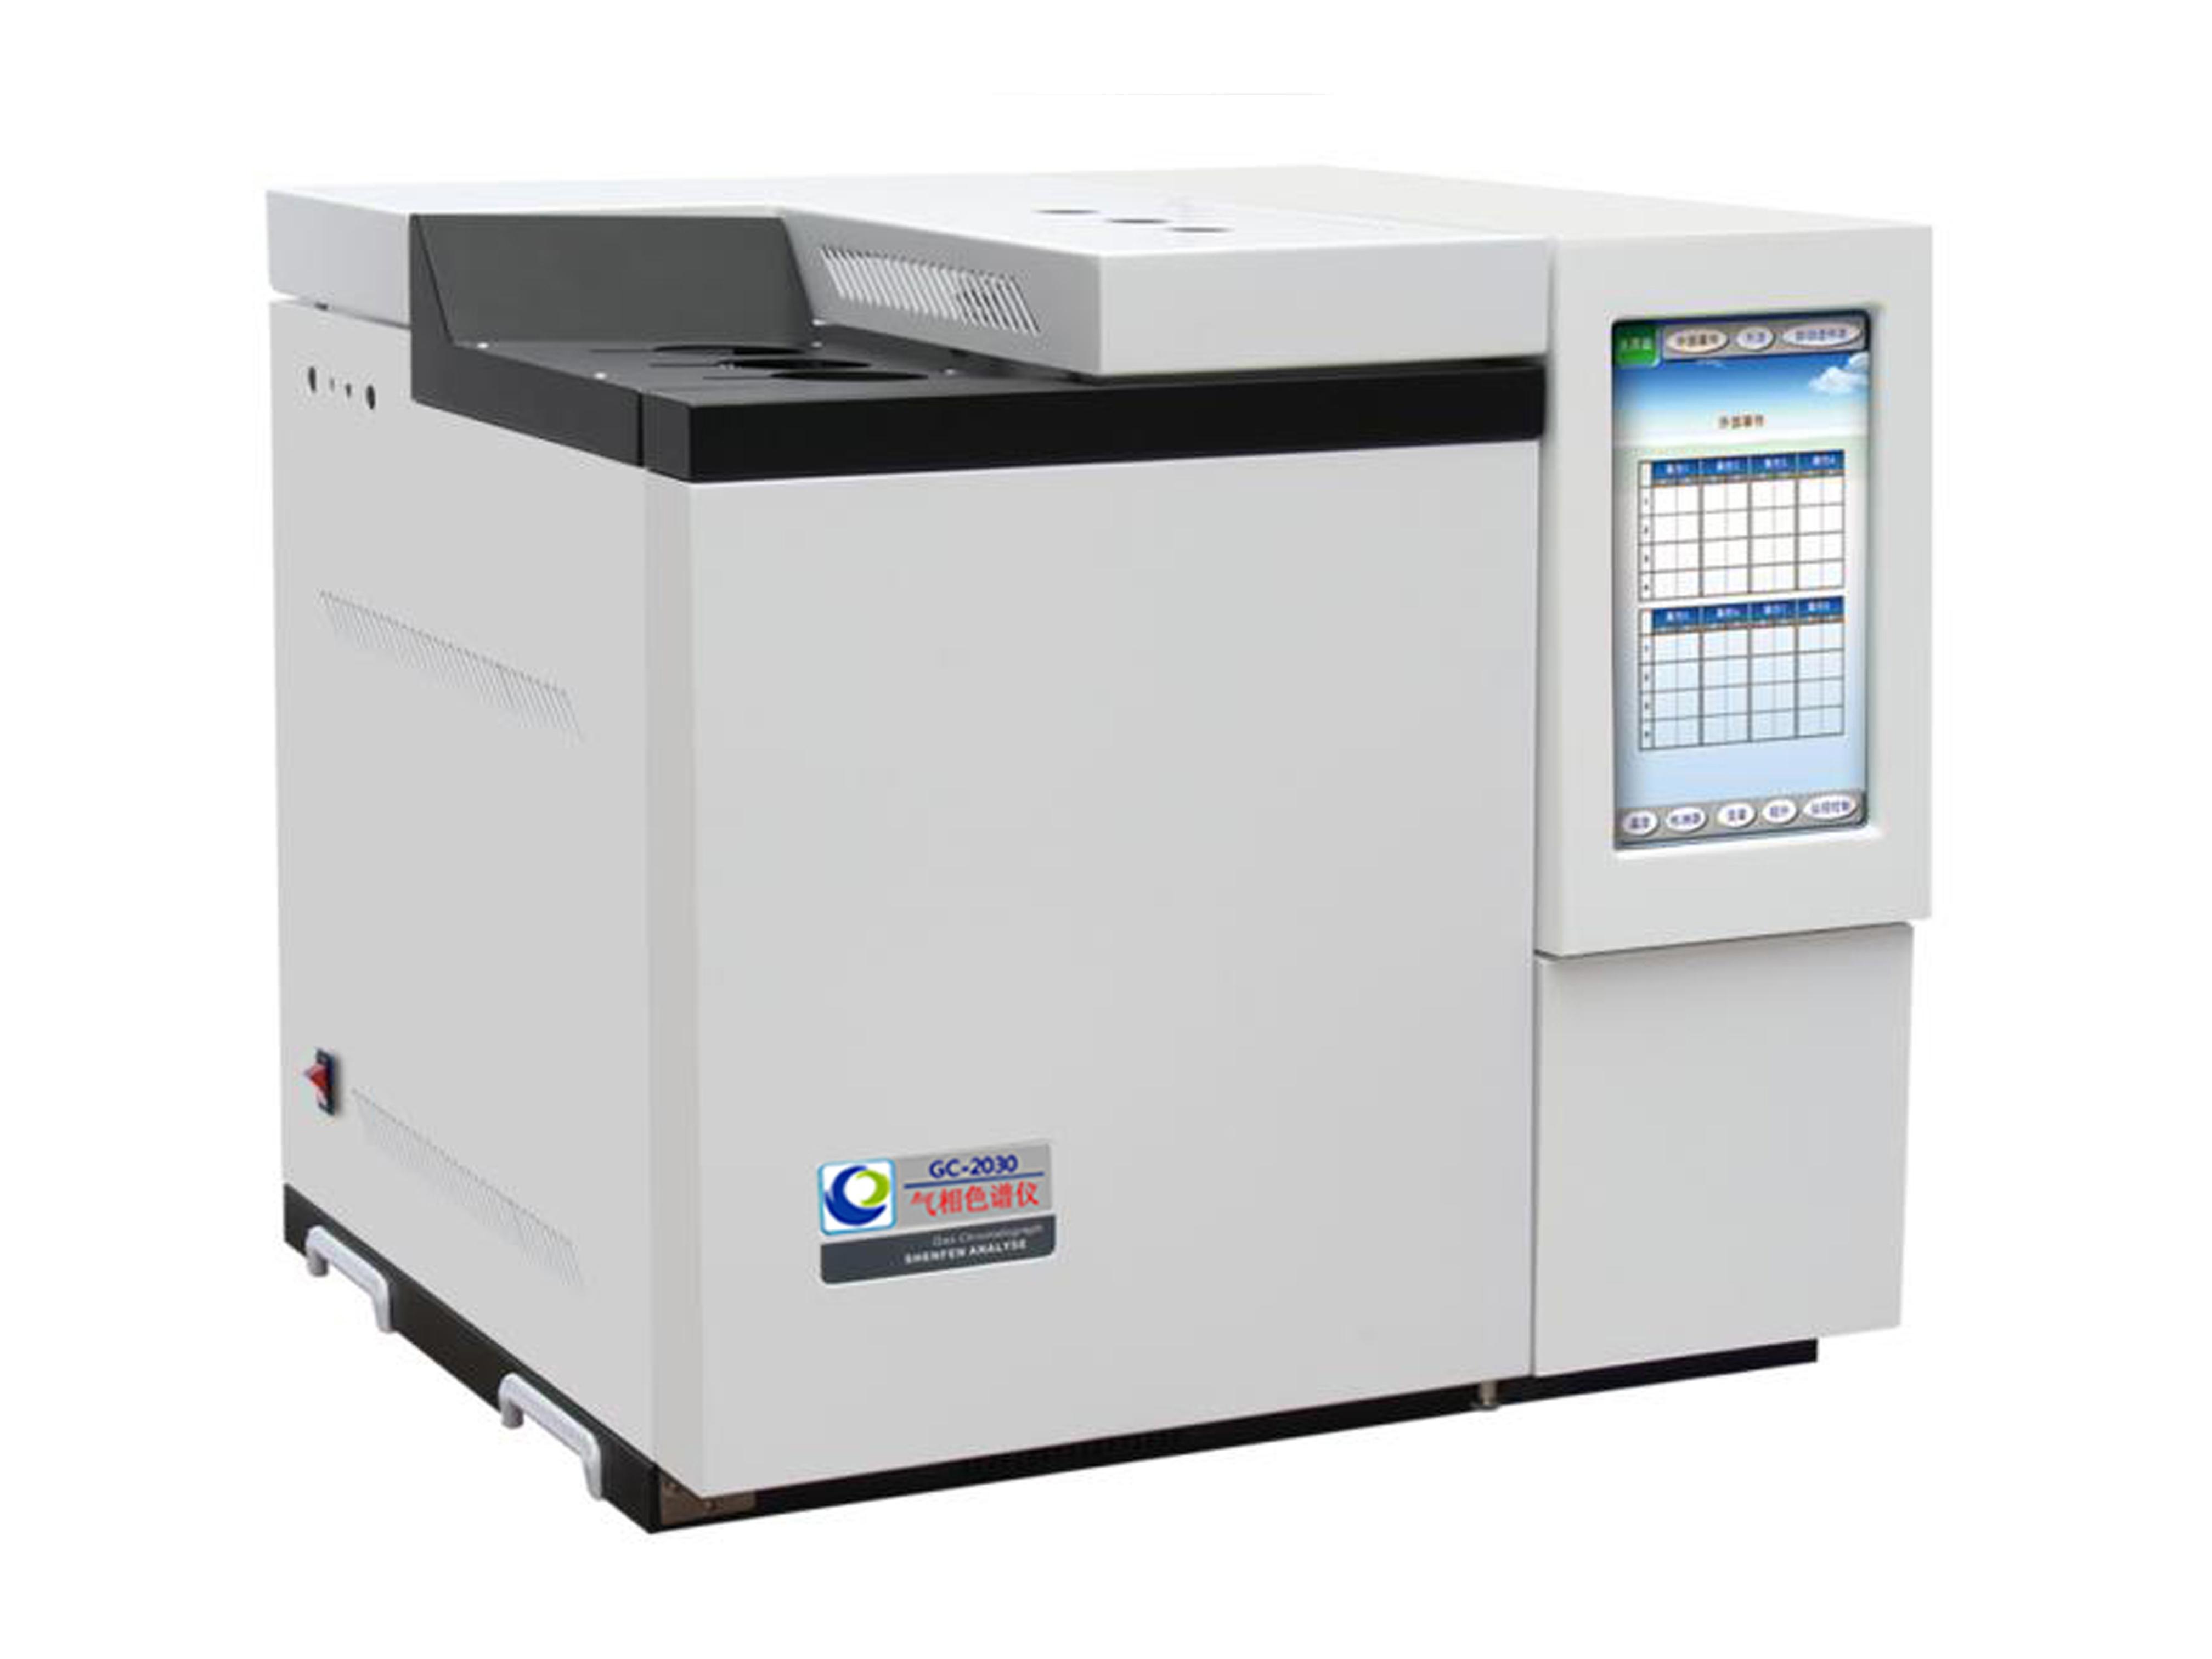 气相色谱仪--电子捕获检测器(ECD)检测地下水中24种农药残留量